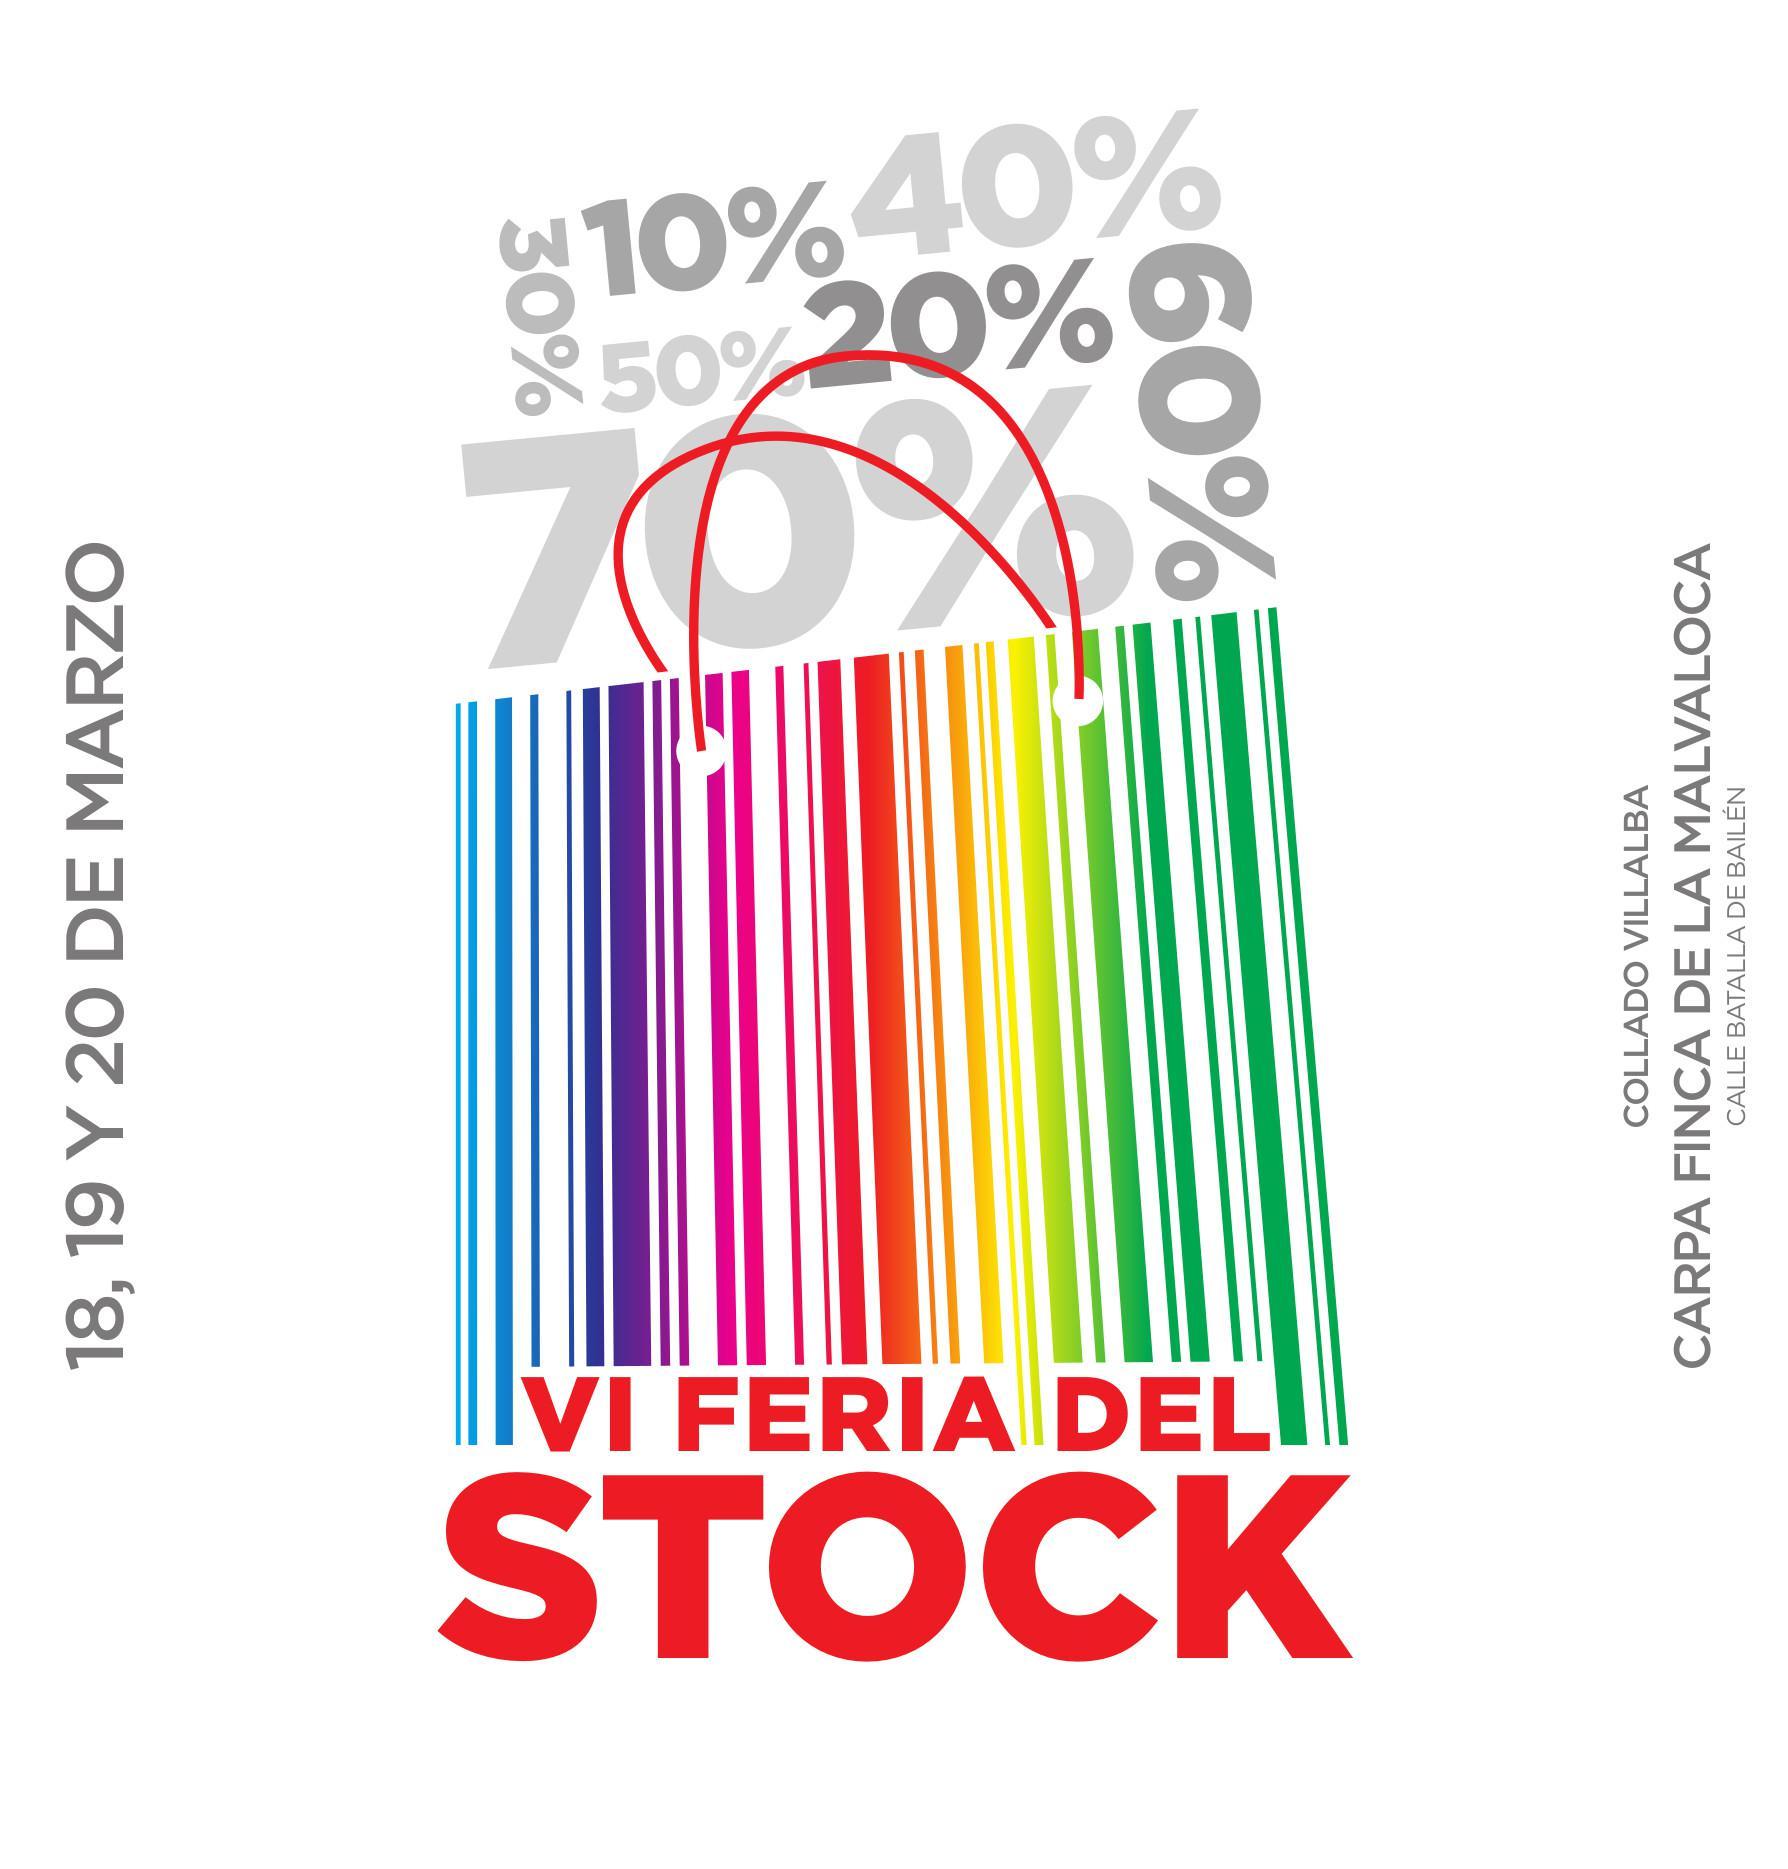 VI Feria del Stock durante todo el fin de semana en Collado Villalba